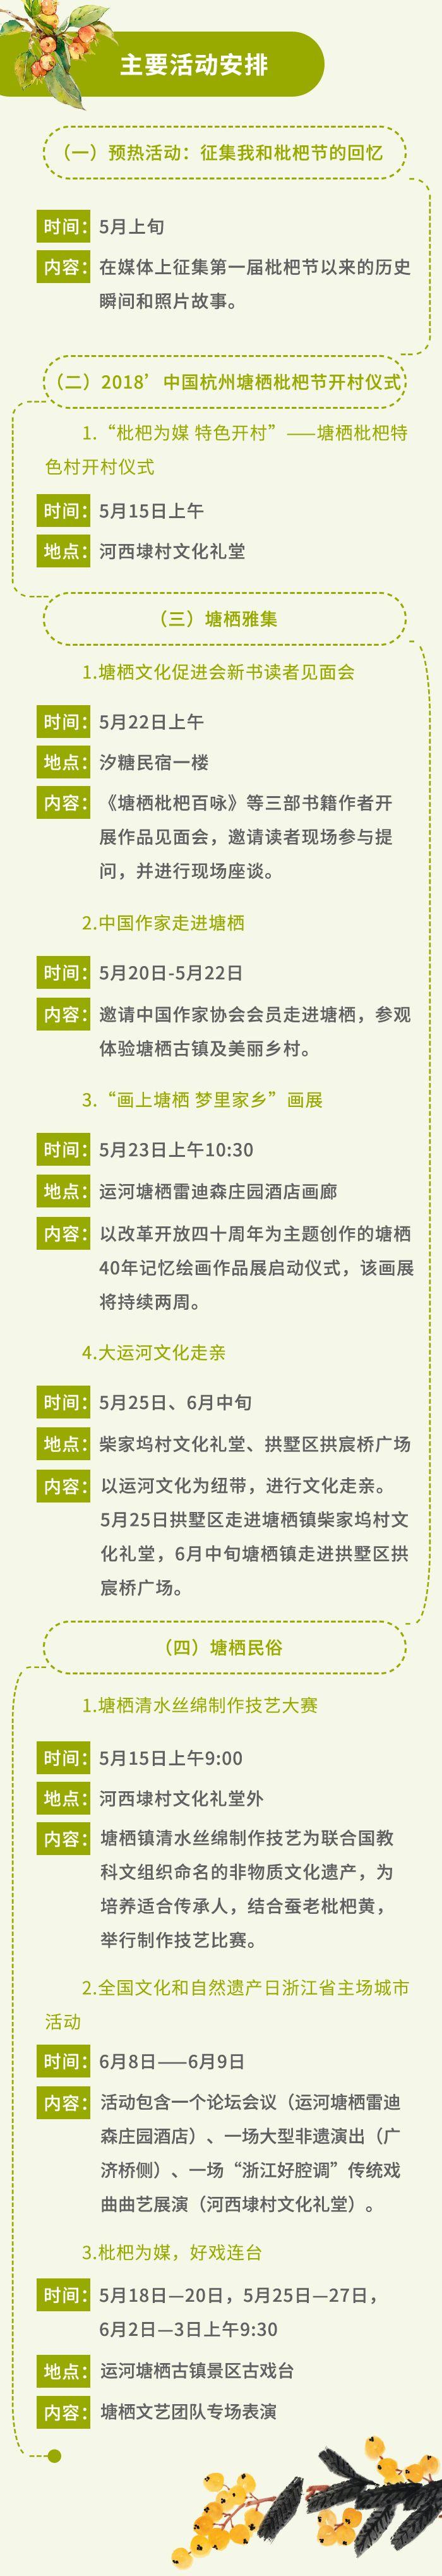 2018塘栖枇杷节活动一览